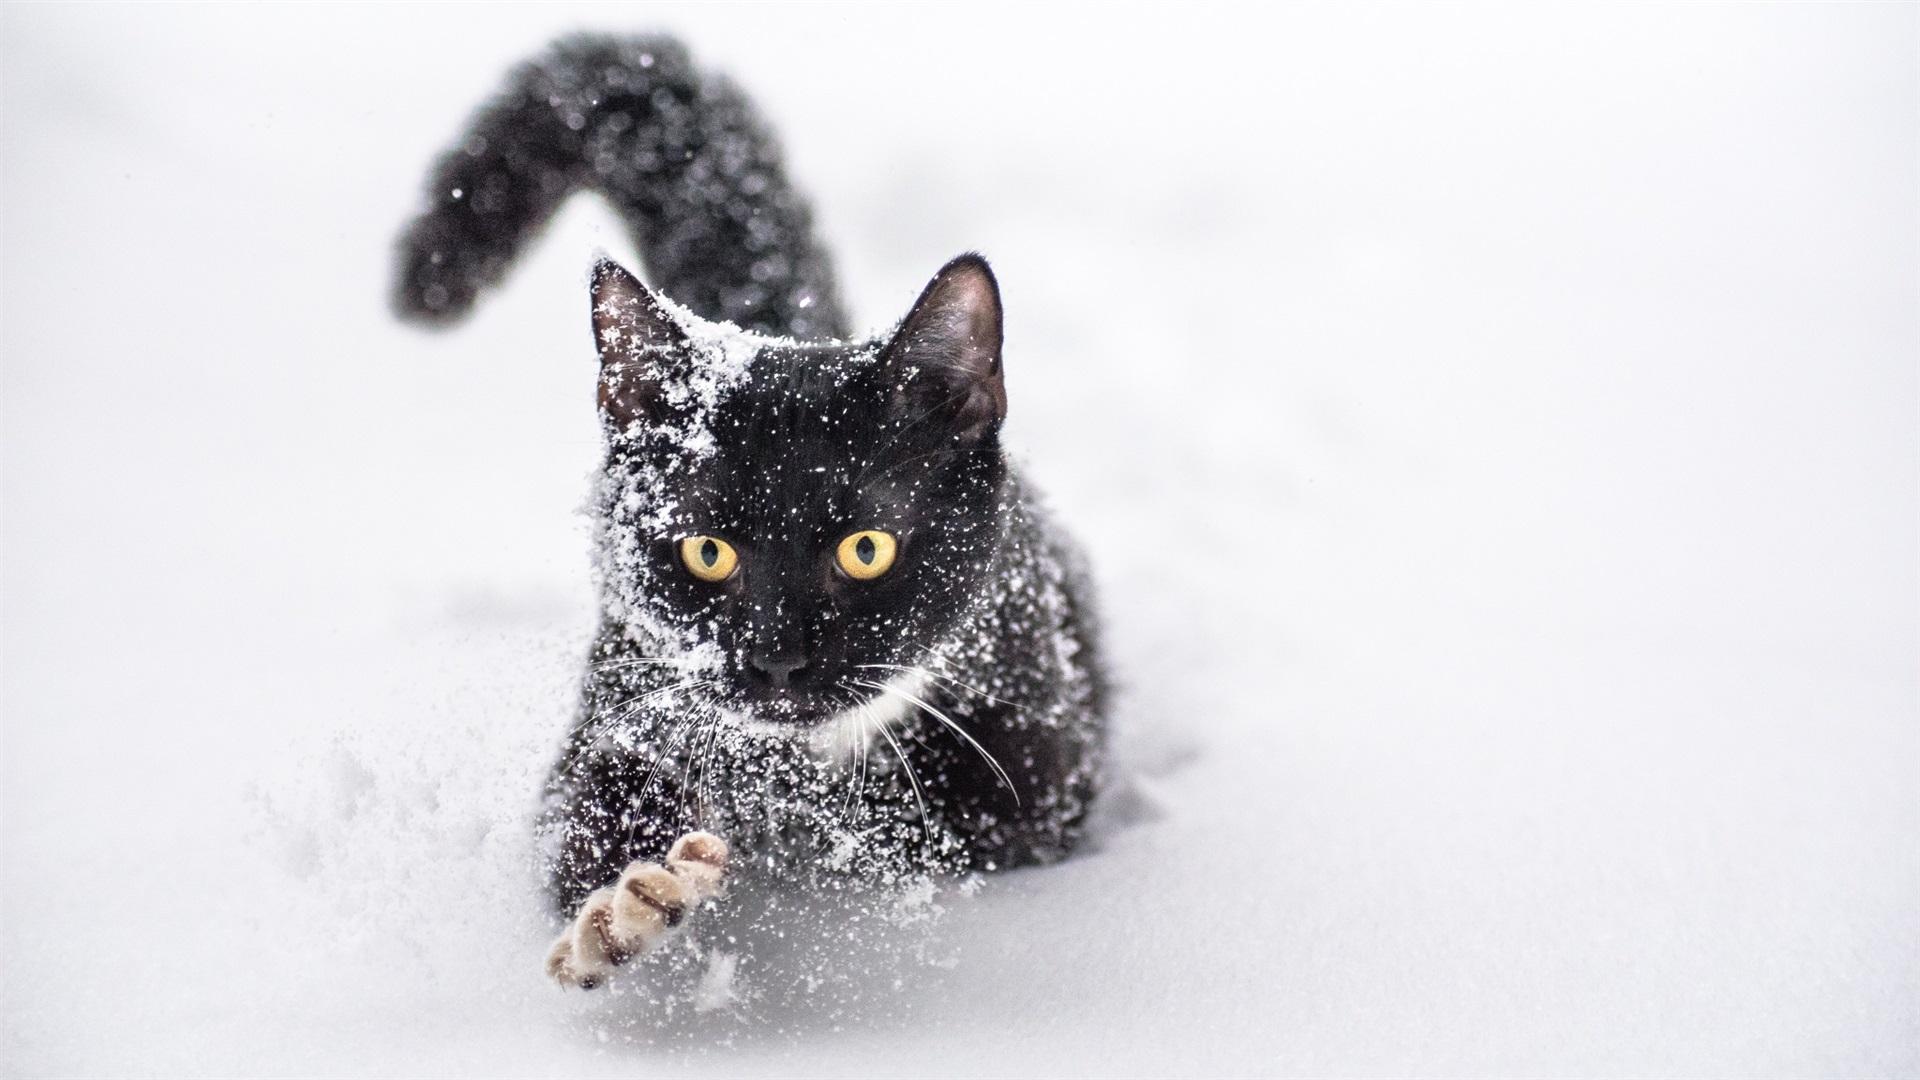 картинка черная кошка в снегу одному стилю